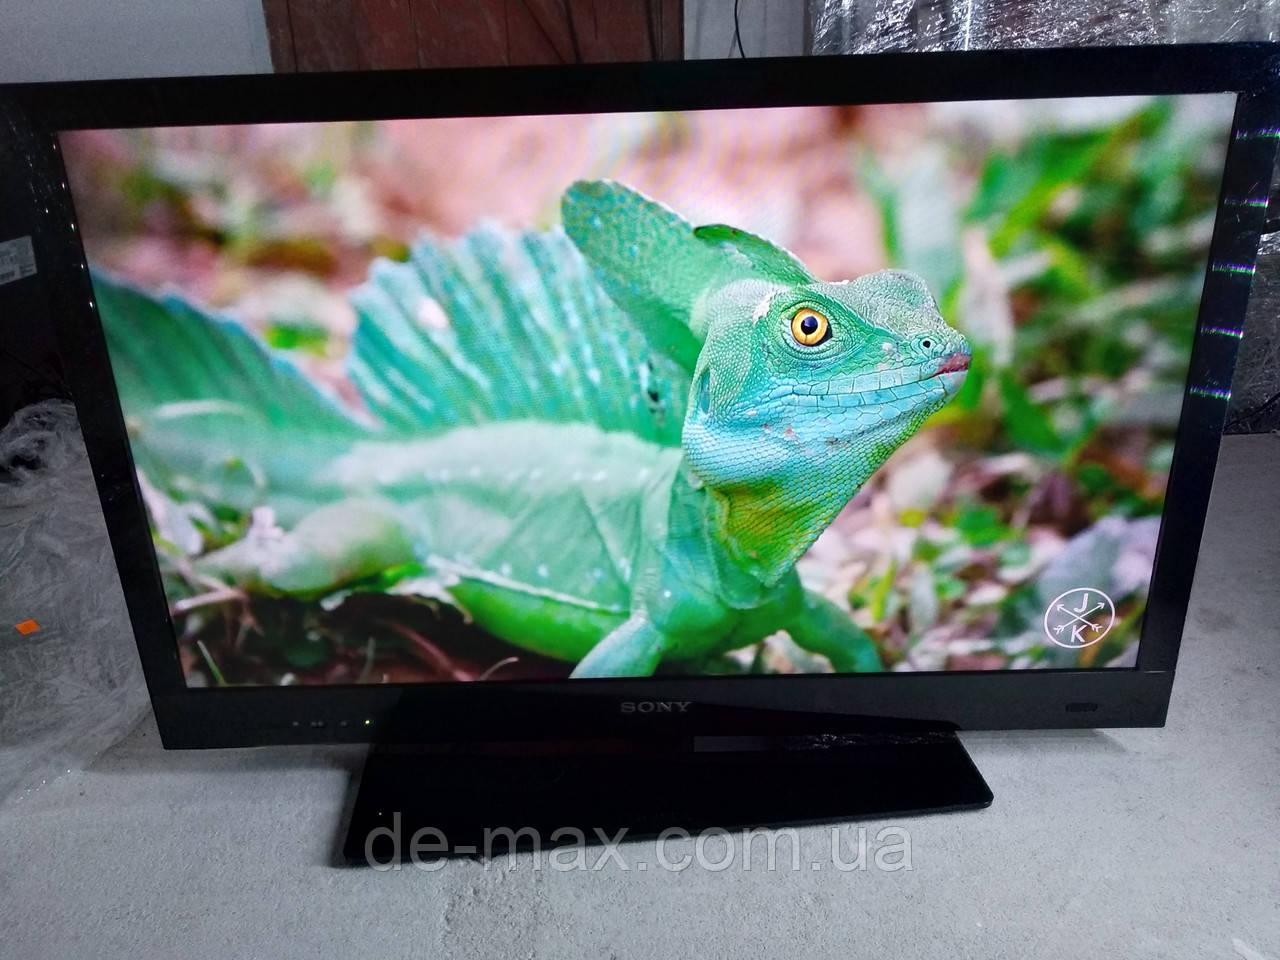 Телевизор Sony KDL-32EX725 Led TV Smart TV Full HD